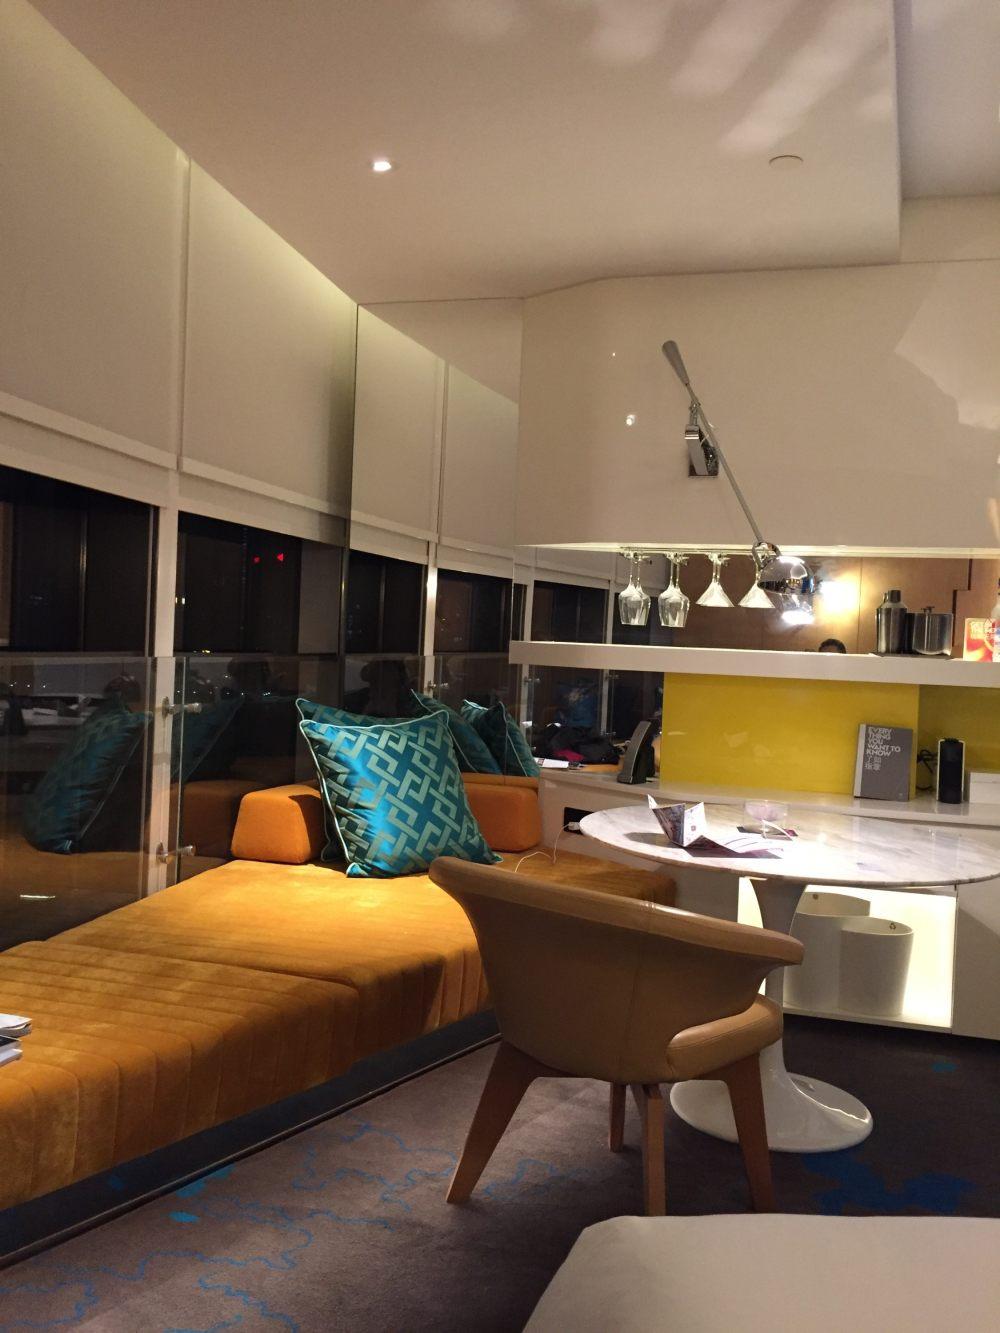 上海外滩W酒店,史上最全入住体验 自拍分享,申请置...._IMG_6231.JPG